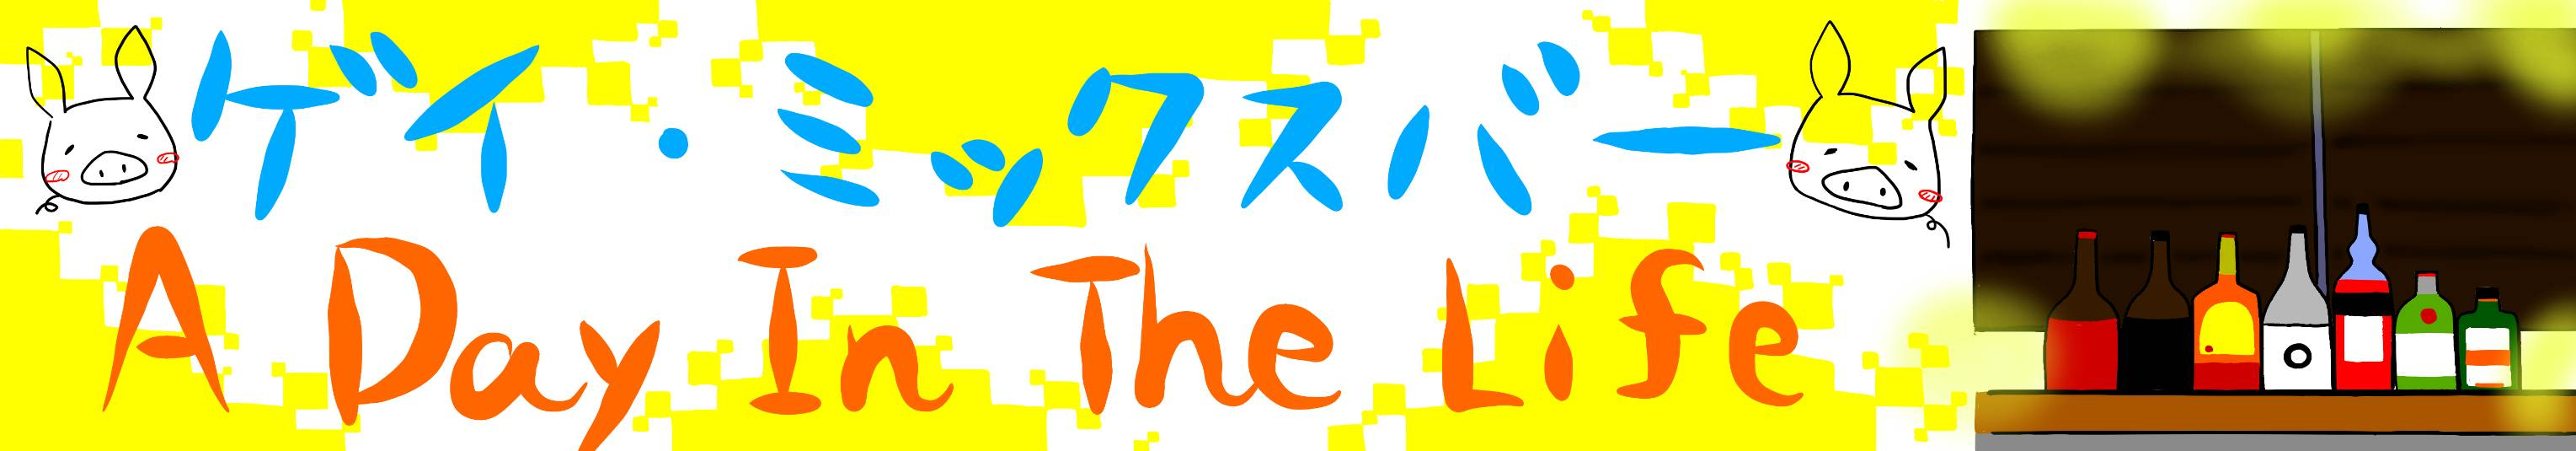 東京のゲイイベント「第4日曜は「うさぎ飲み!」」